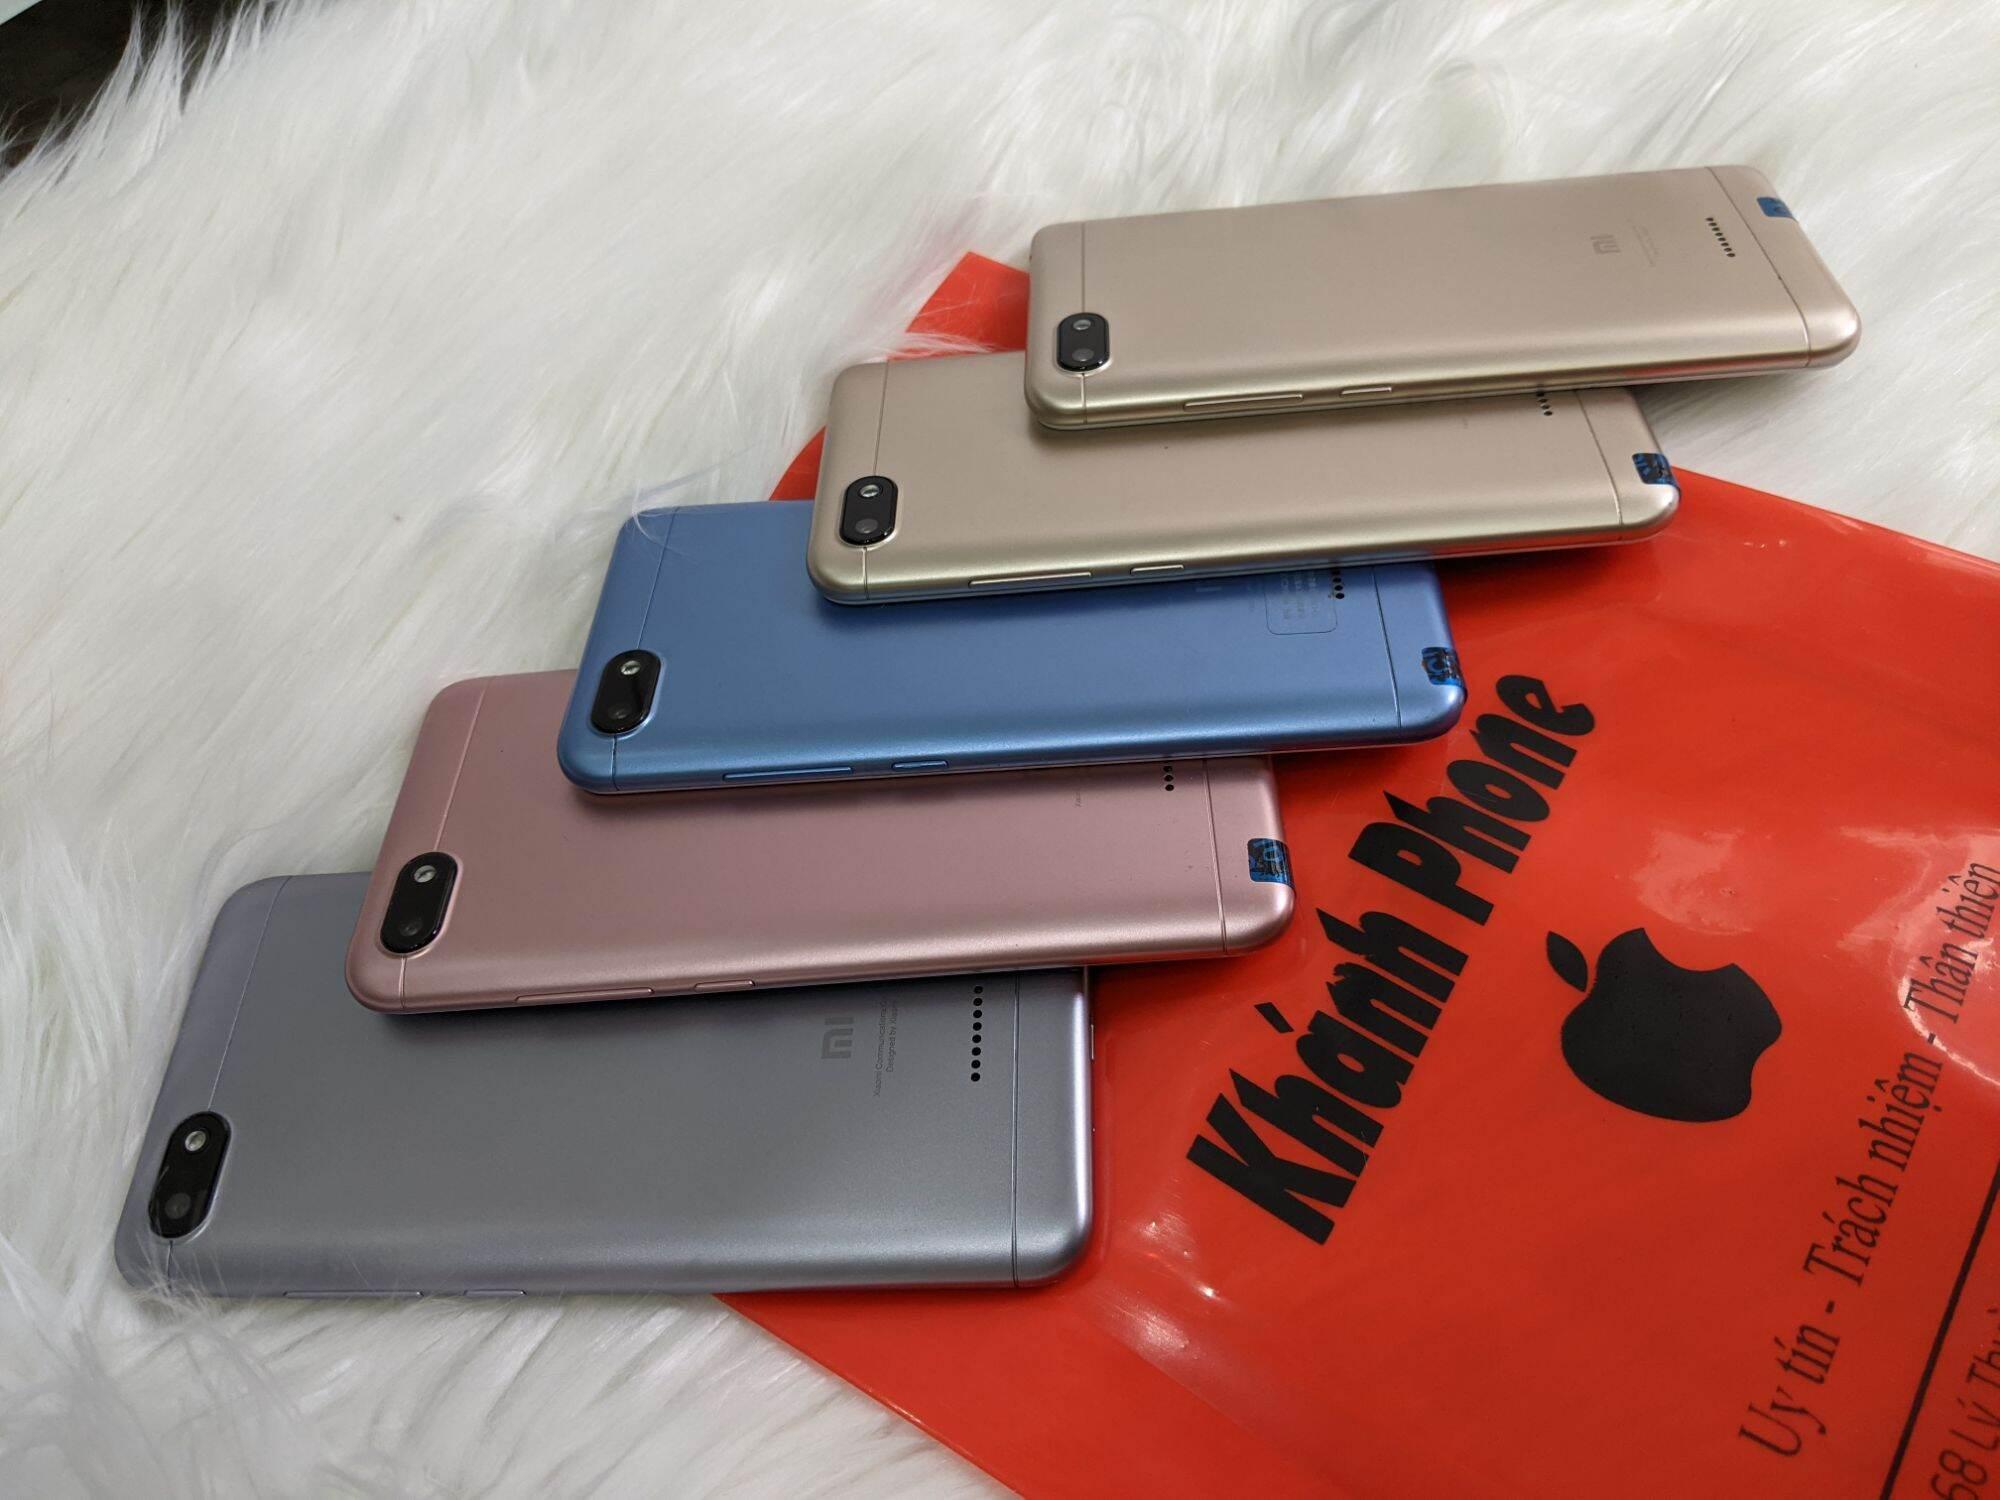 Xiaomi 6a máy đẹp pin khoẻ 2sim chơi game học online tốt BH 6 Tháng